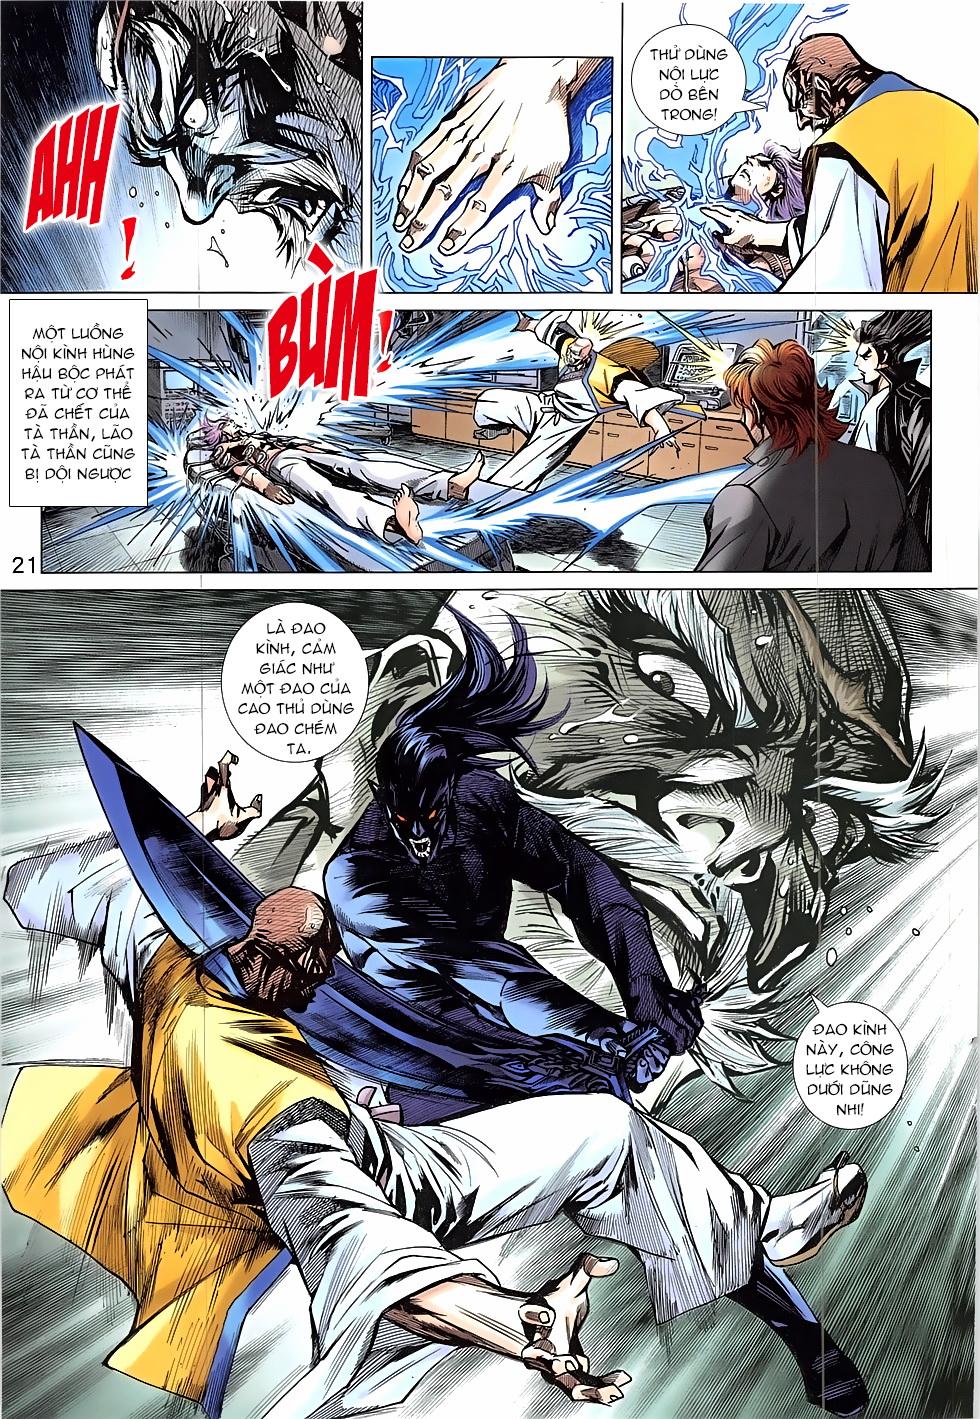 Tân Tác Long Hổ Môn Chap 837 page 21 - Truyentranhaz.net